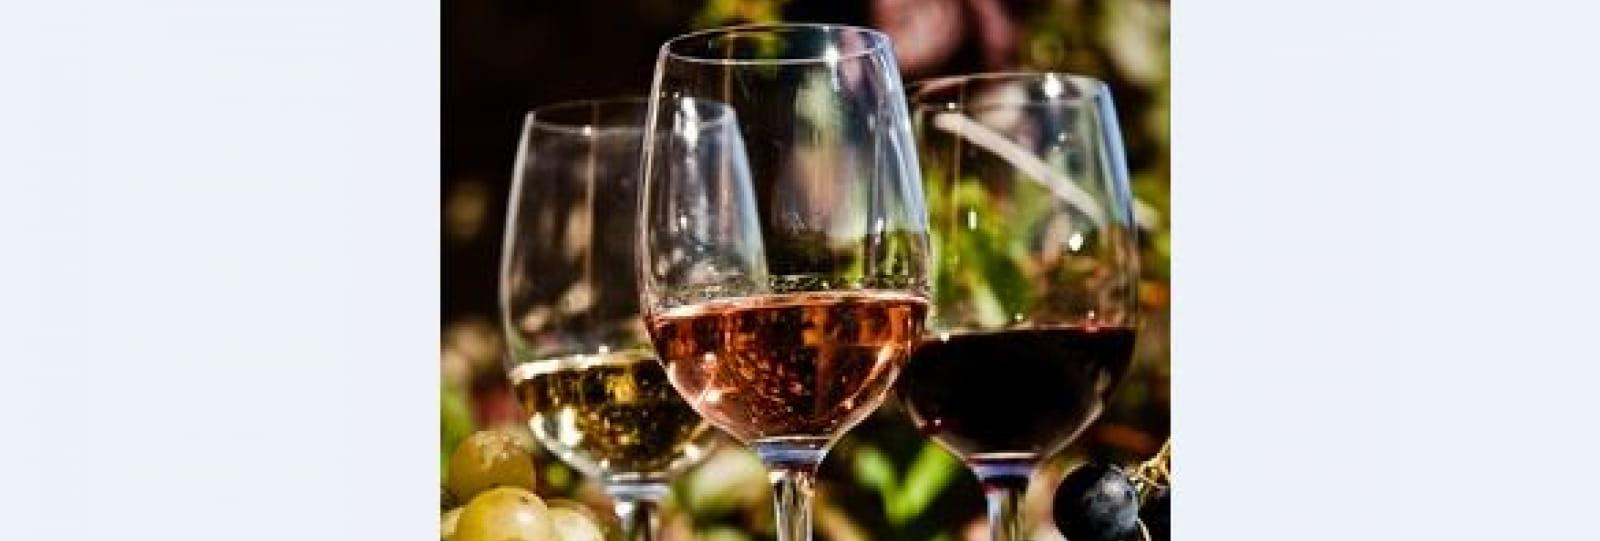 Voyage au cœur des vignobles